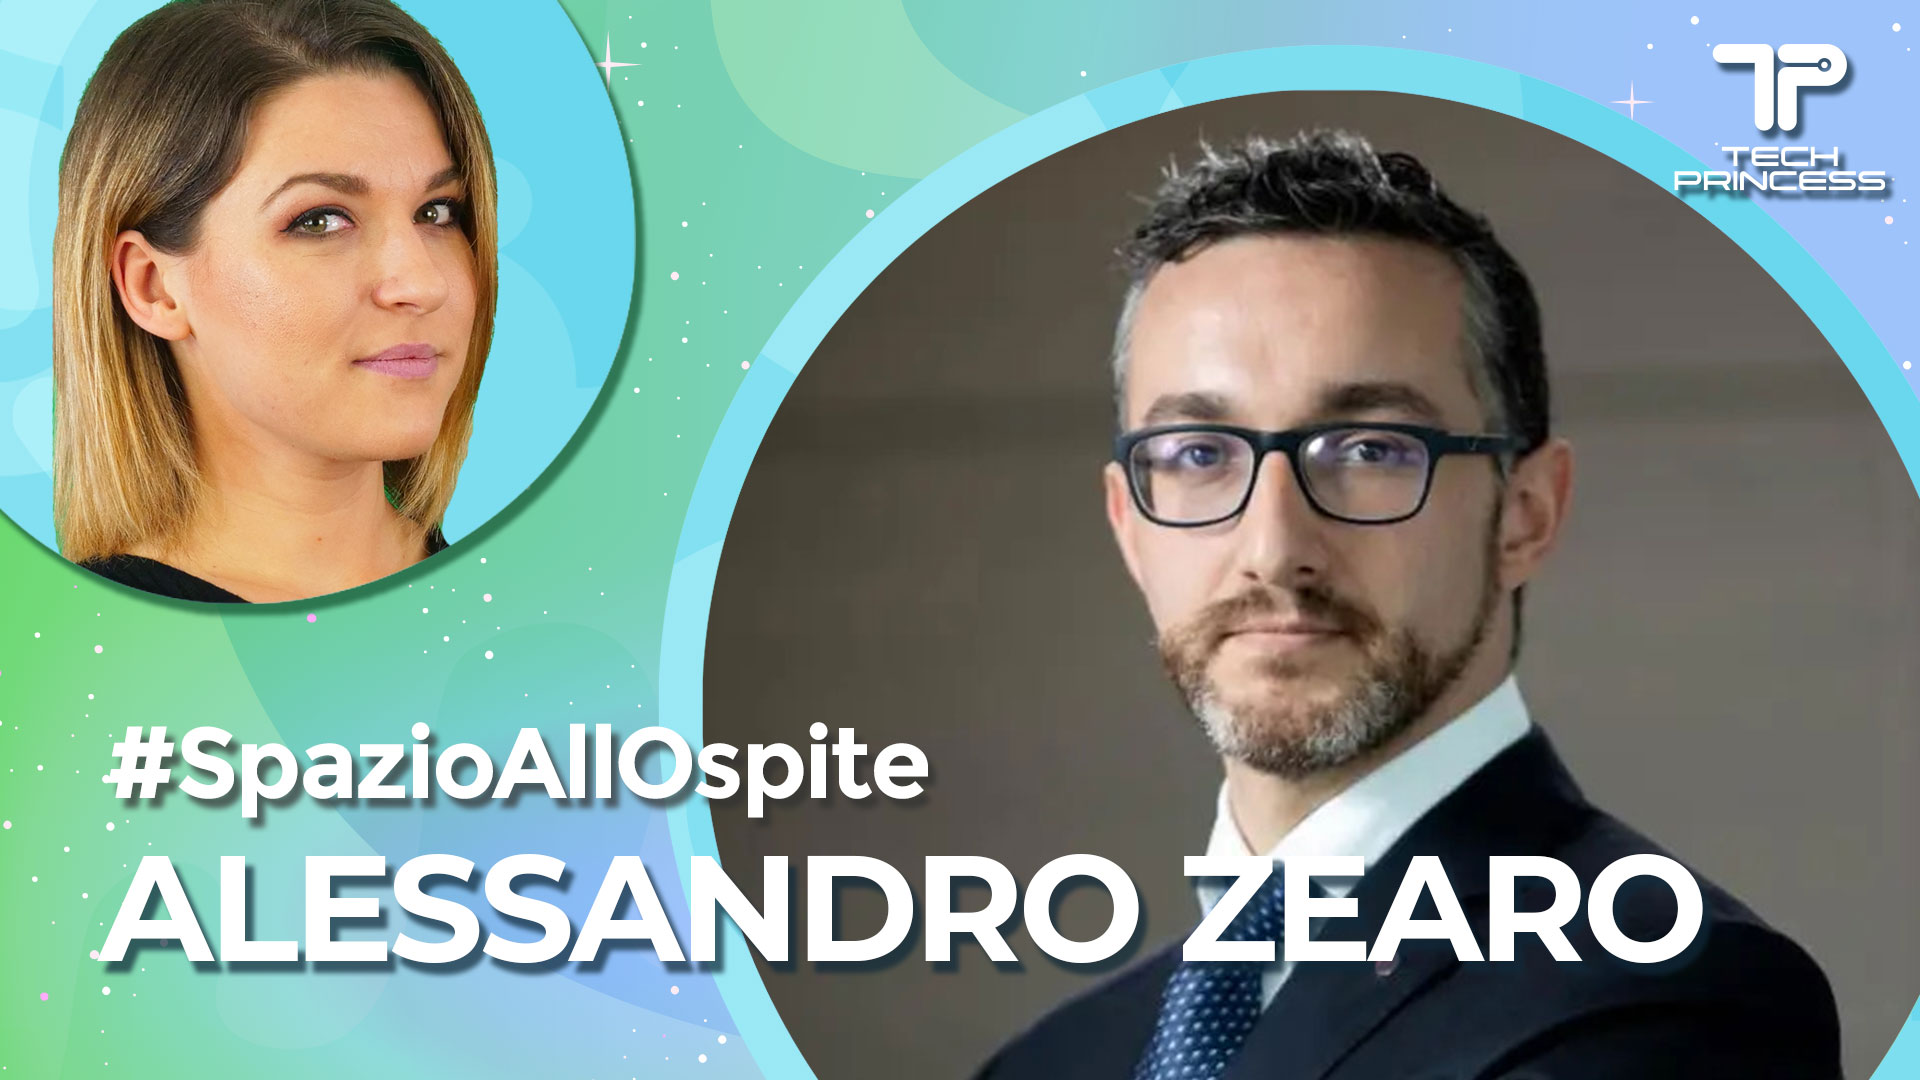 Alessandro Zearo, LG: i vantaggi dei televisori OLED | Intervista in live #SpazioAllOspite thumbnail